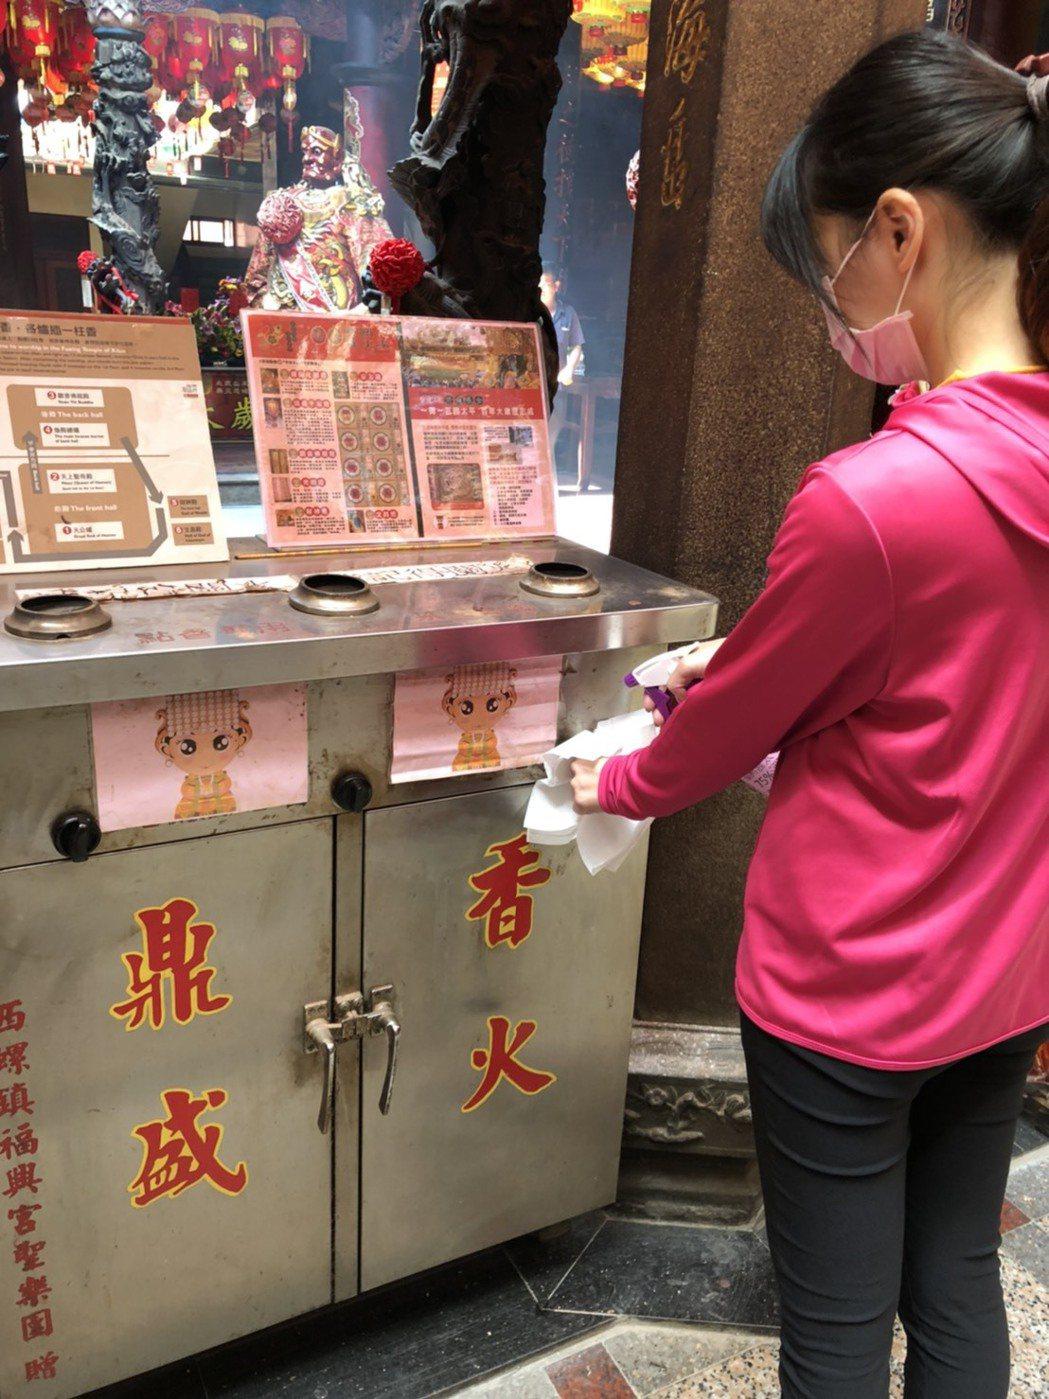 西螺福興宮每天都會將竹籤、點香器等民眾常接觸的物品進行消毒。圖/西螺福興宮提供